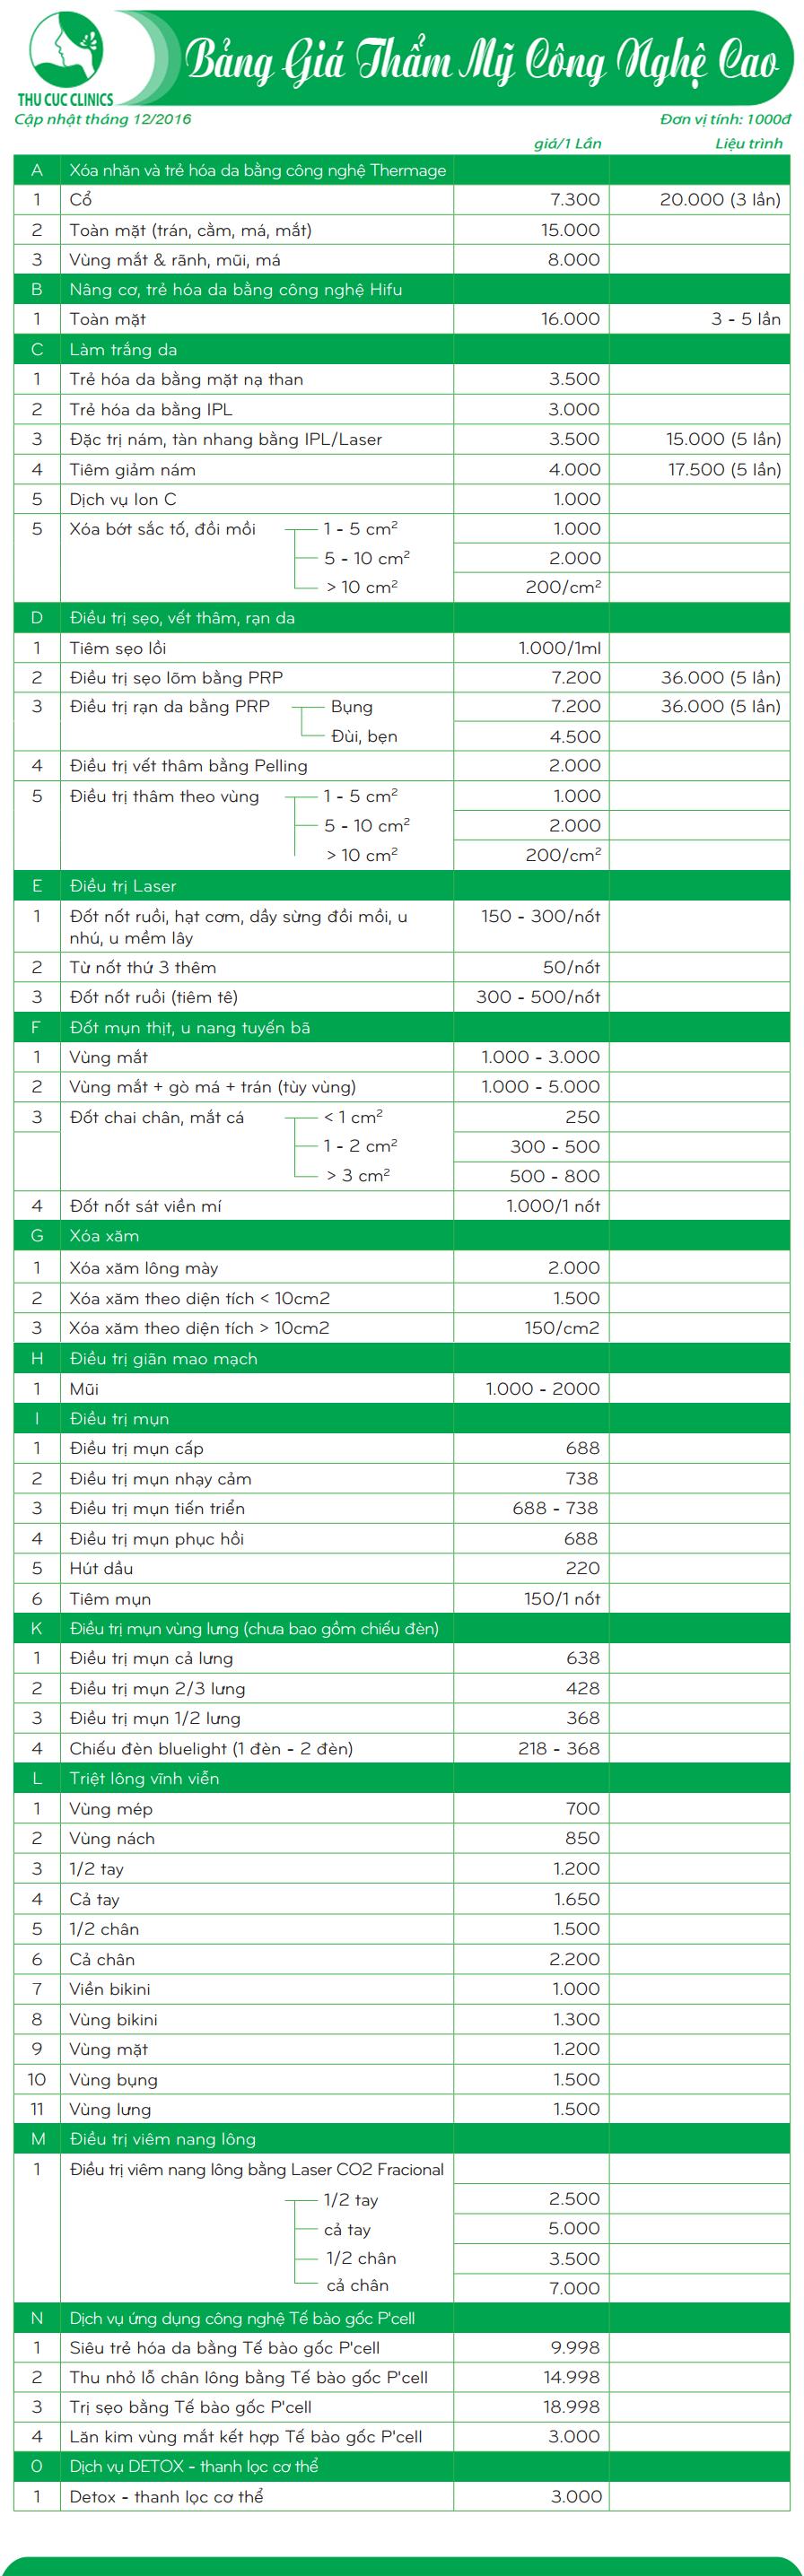 bảng giá dịch vụ thẩm mỹ công nghệ cao